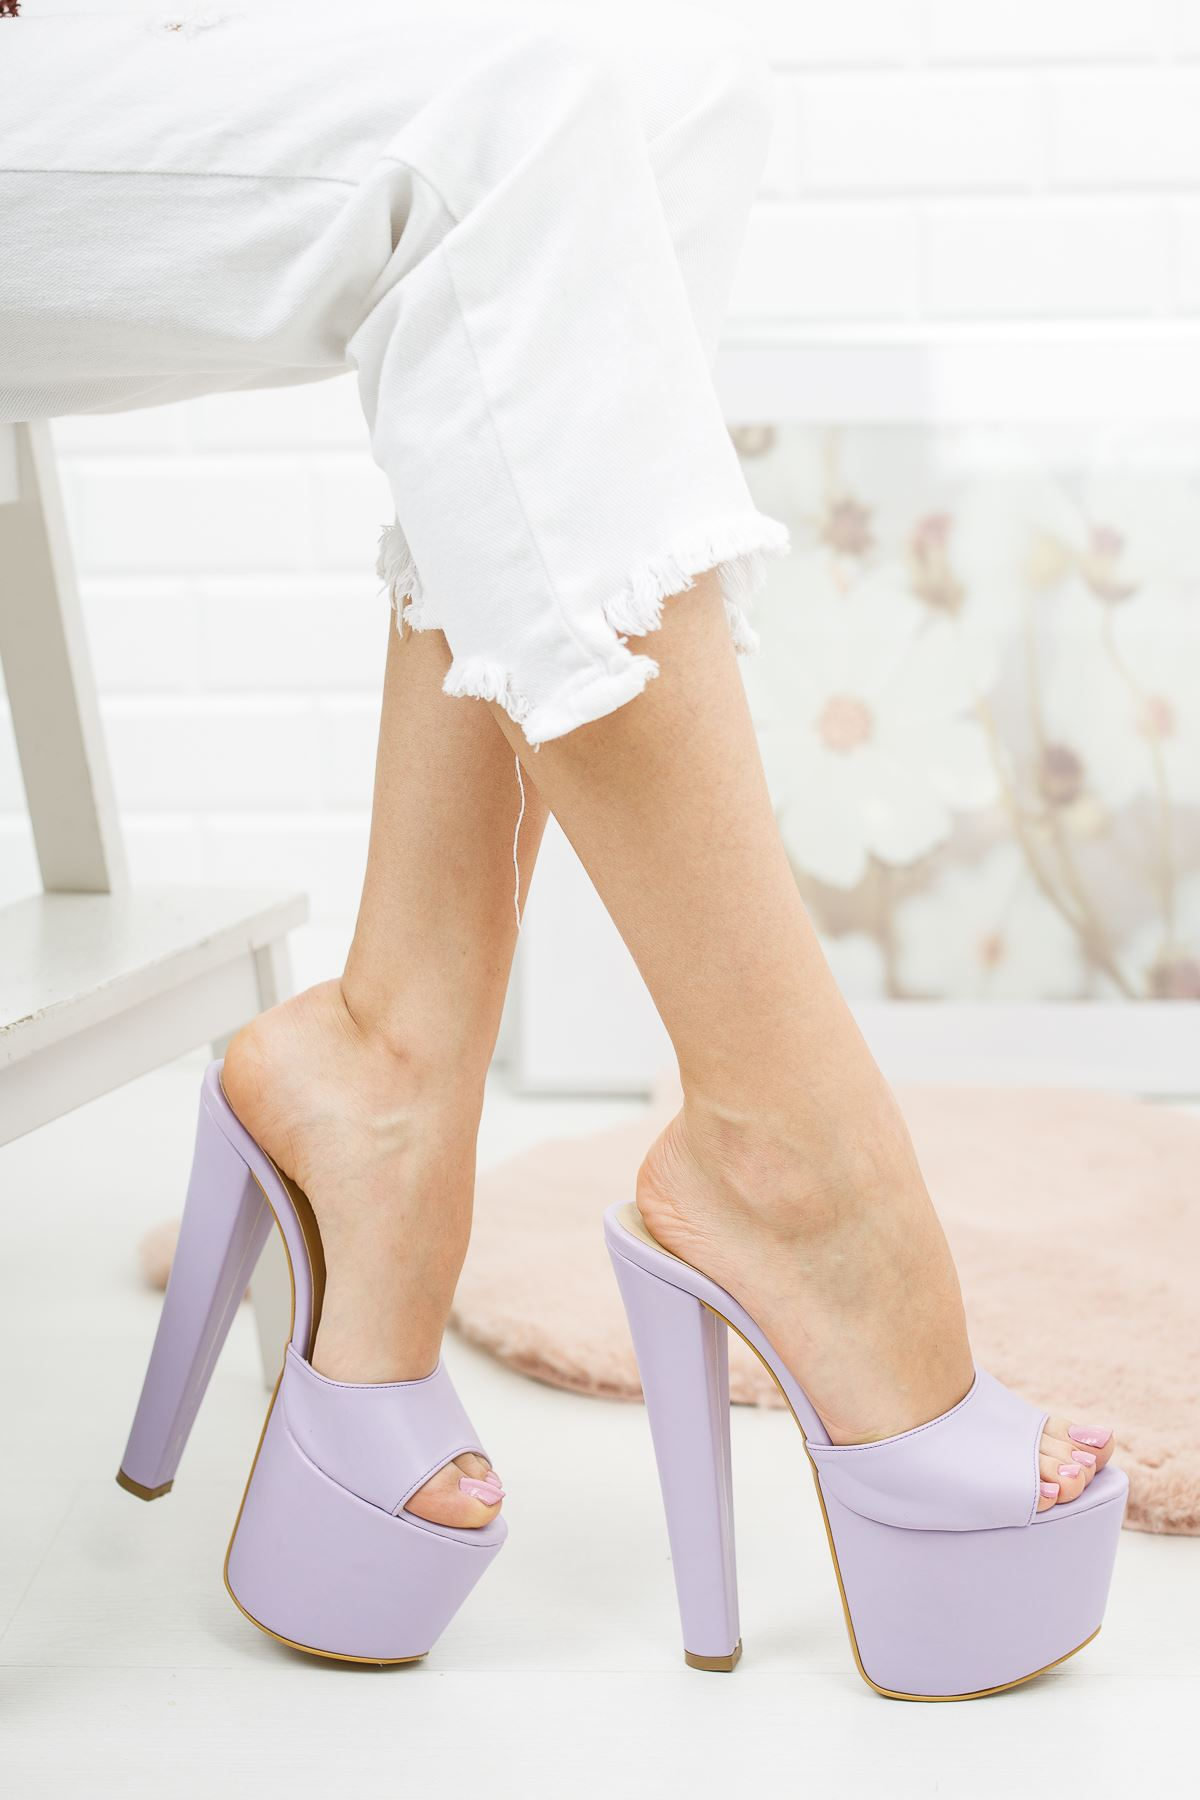 Franco Lila Cilt Kadın Yüksek Topuklu Ayakkabı